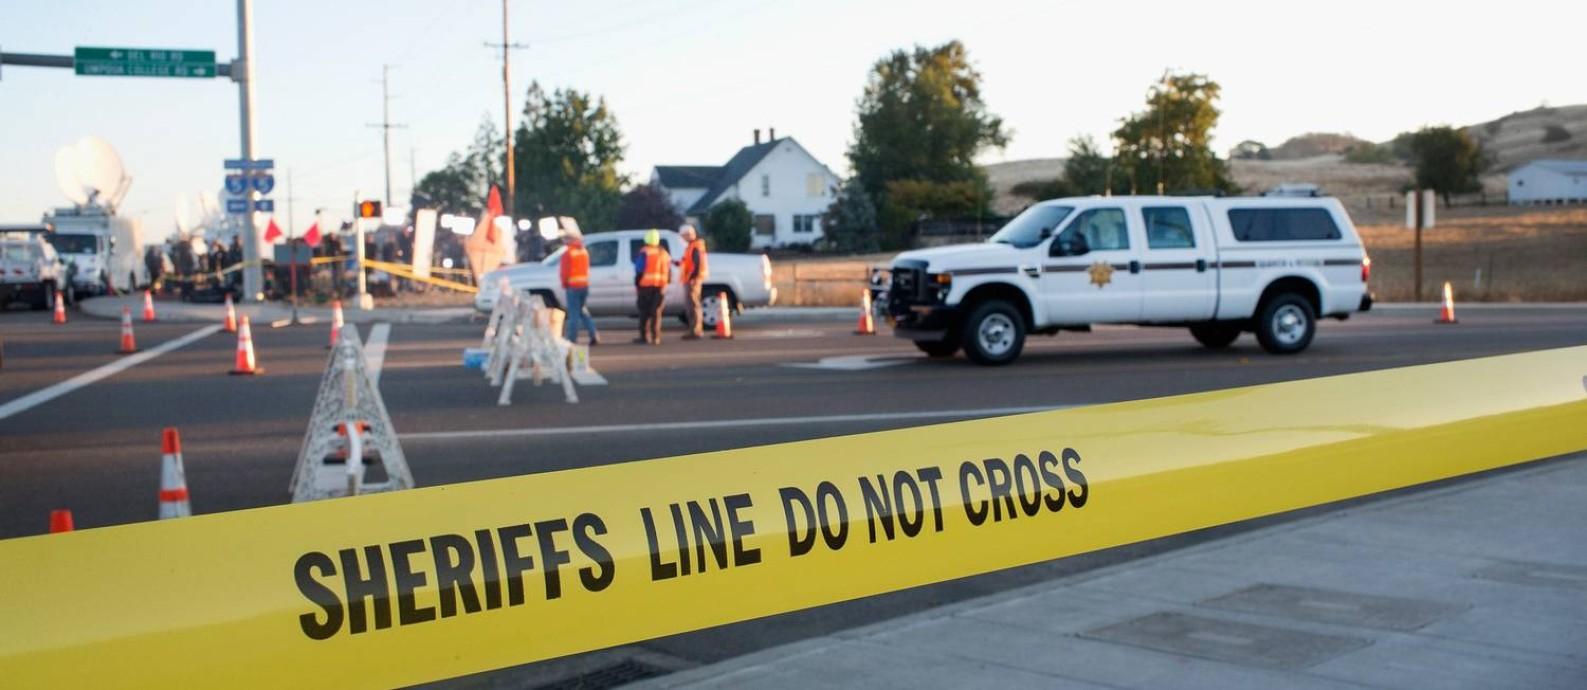 Ataque em Roseburg chocou pequena cidade do Oregon Foto: SCOTT OLSON / AFP